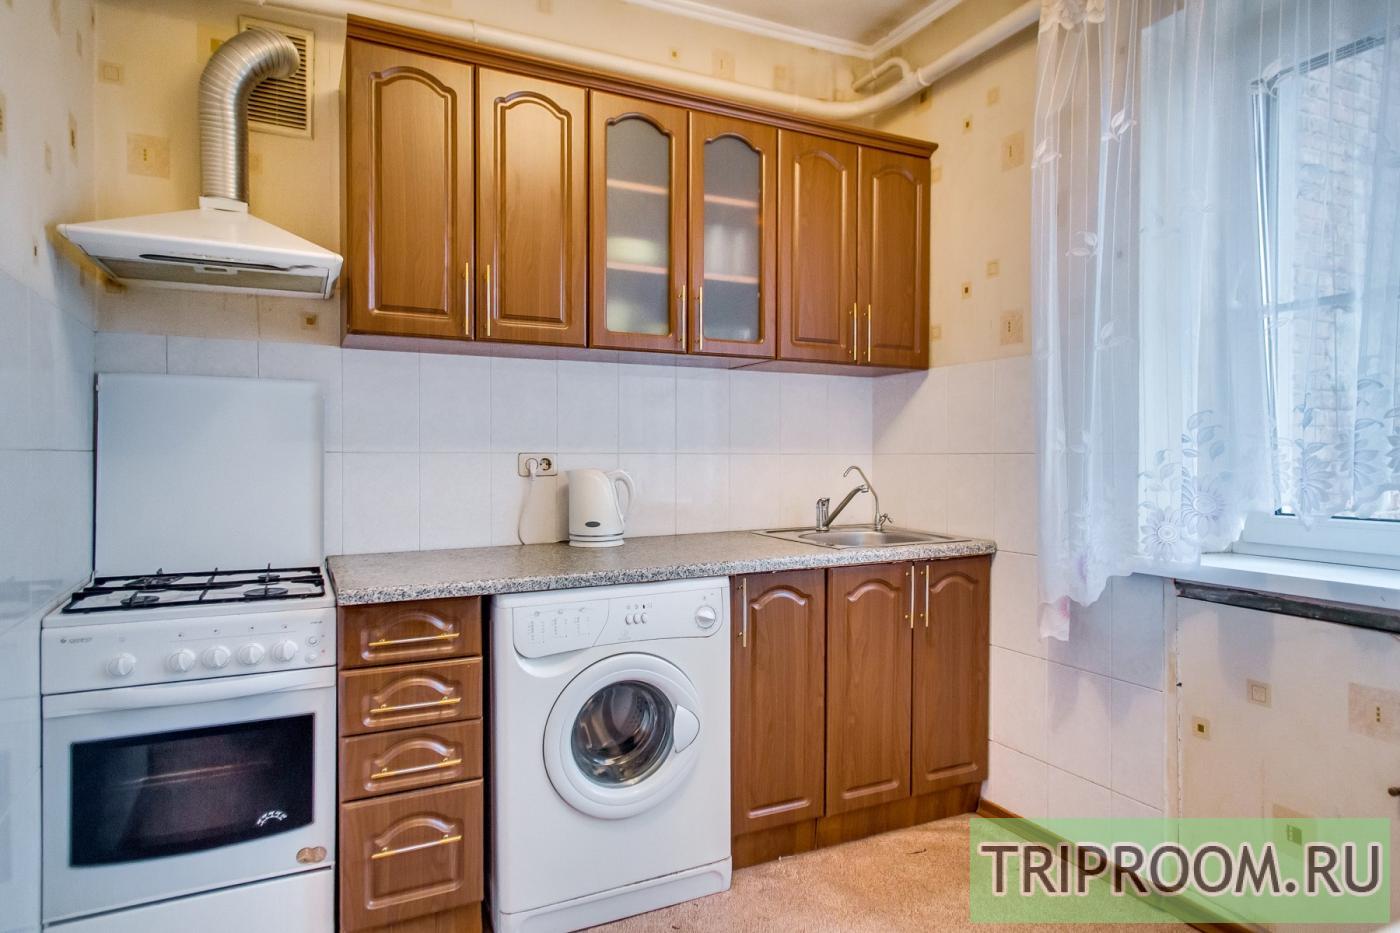 2-комнатная квартира посуточно (вариант № 19017), ул. Большая Садовая улица, фото № 4